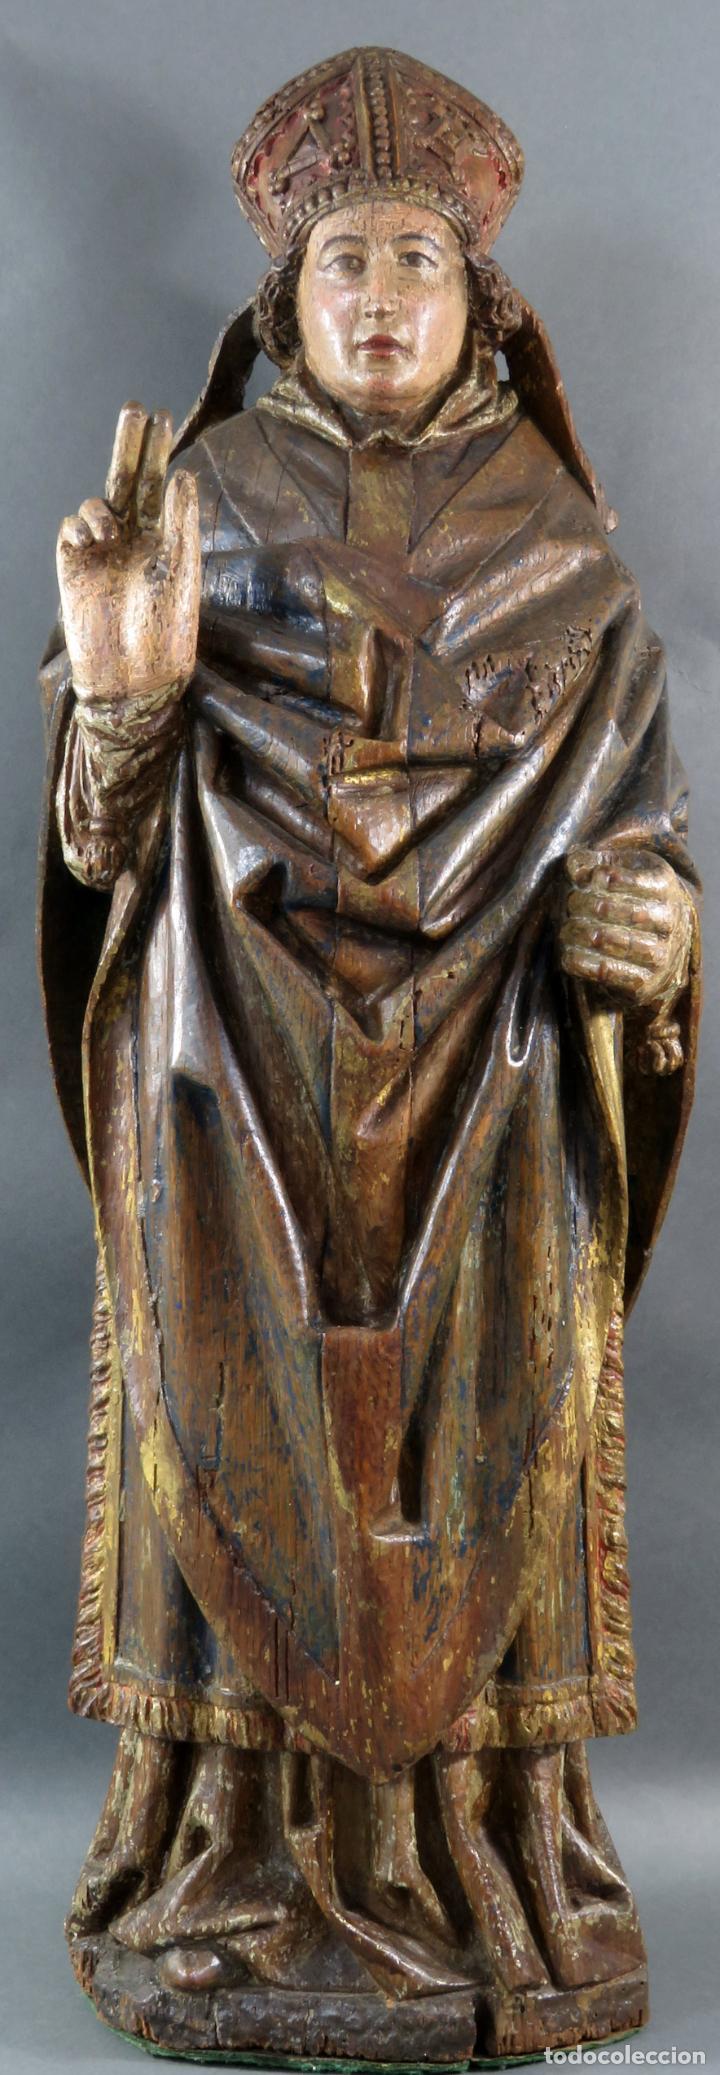 TALLA OBISPO BENDICIENDO EN MADERA TALLADA POLICROMADA CIRCULO ALEJO DE BAIHA PRINCIPIOS SIGLO XVI (Arte - Arte Religioso - Escultura)